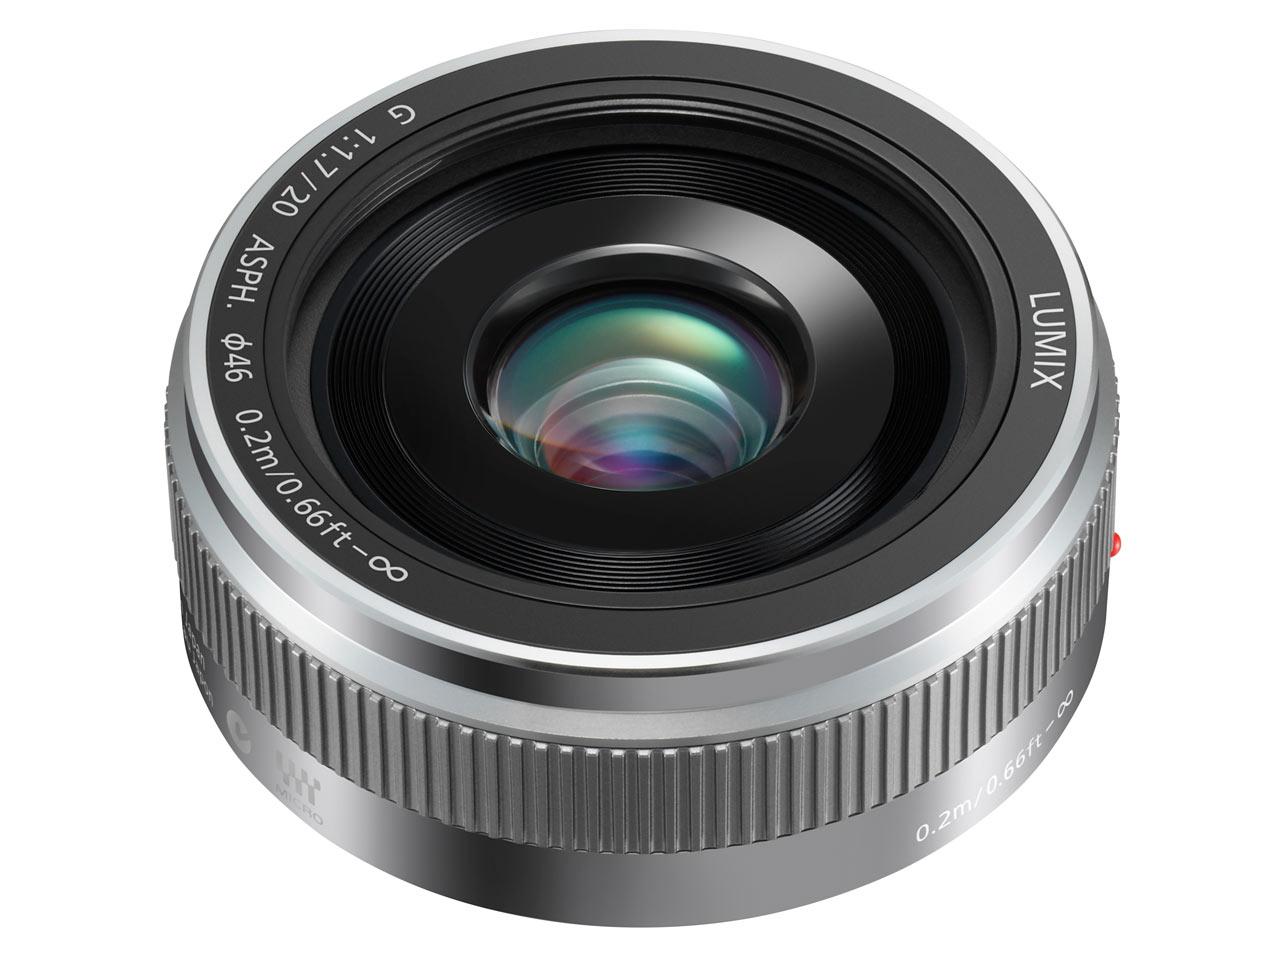 lumix g 20mm f 1.7 ii review